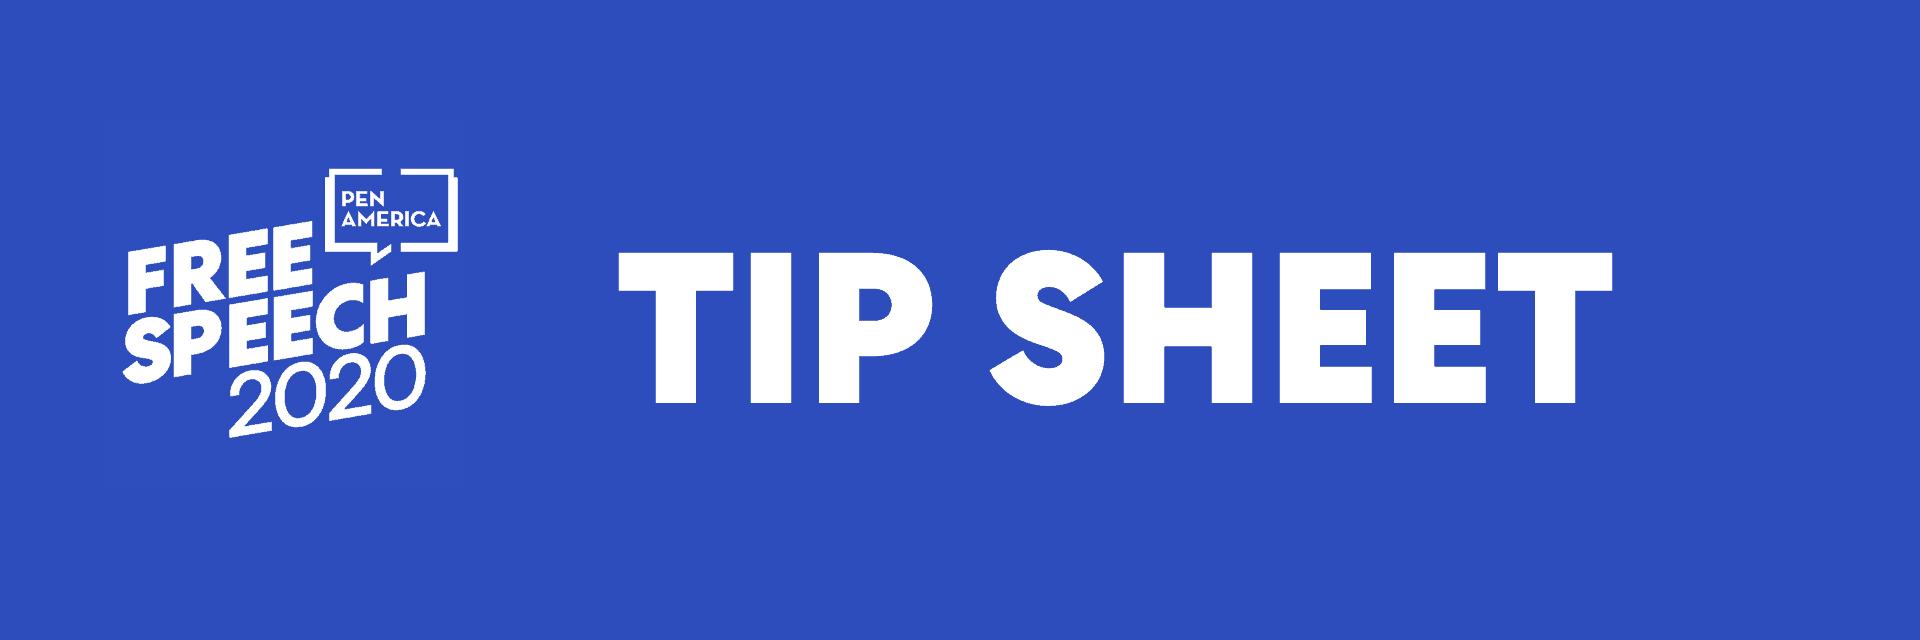 Free Speech 2020: Tip Sheet Header